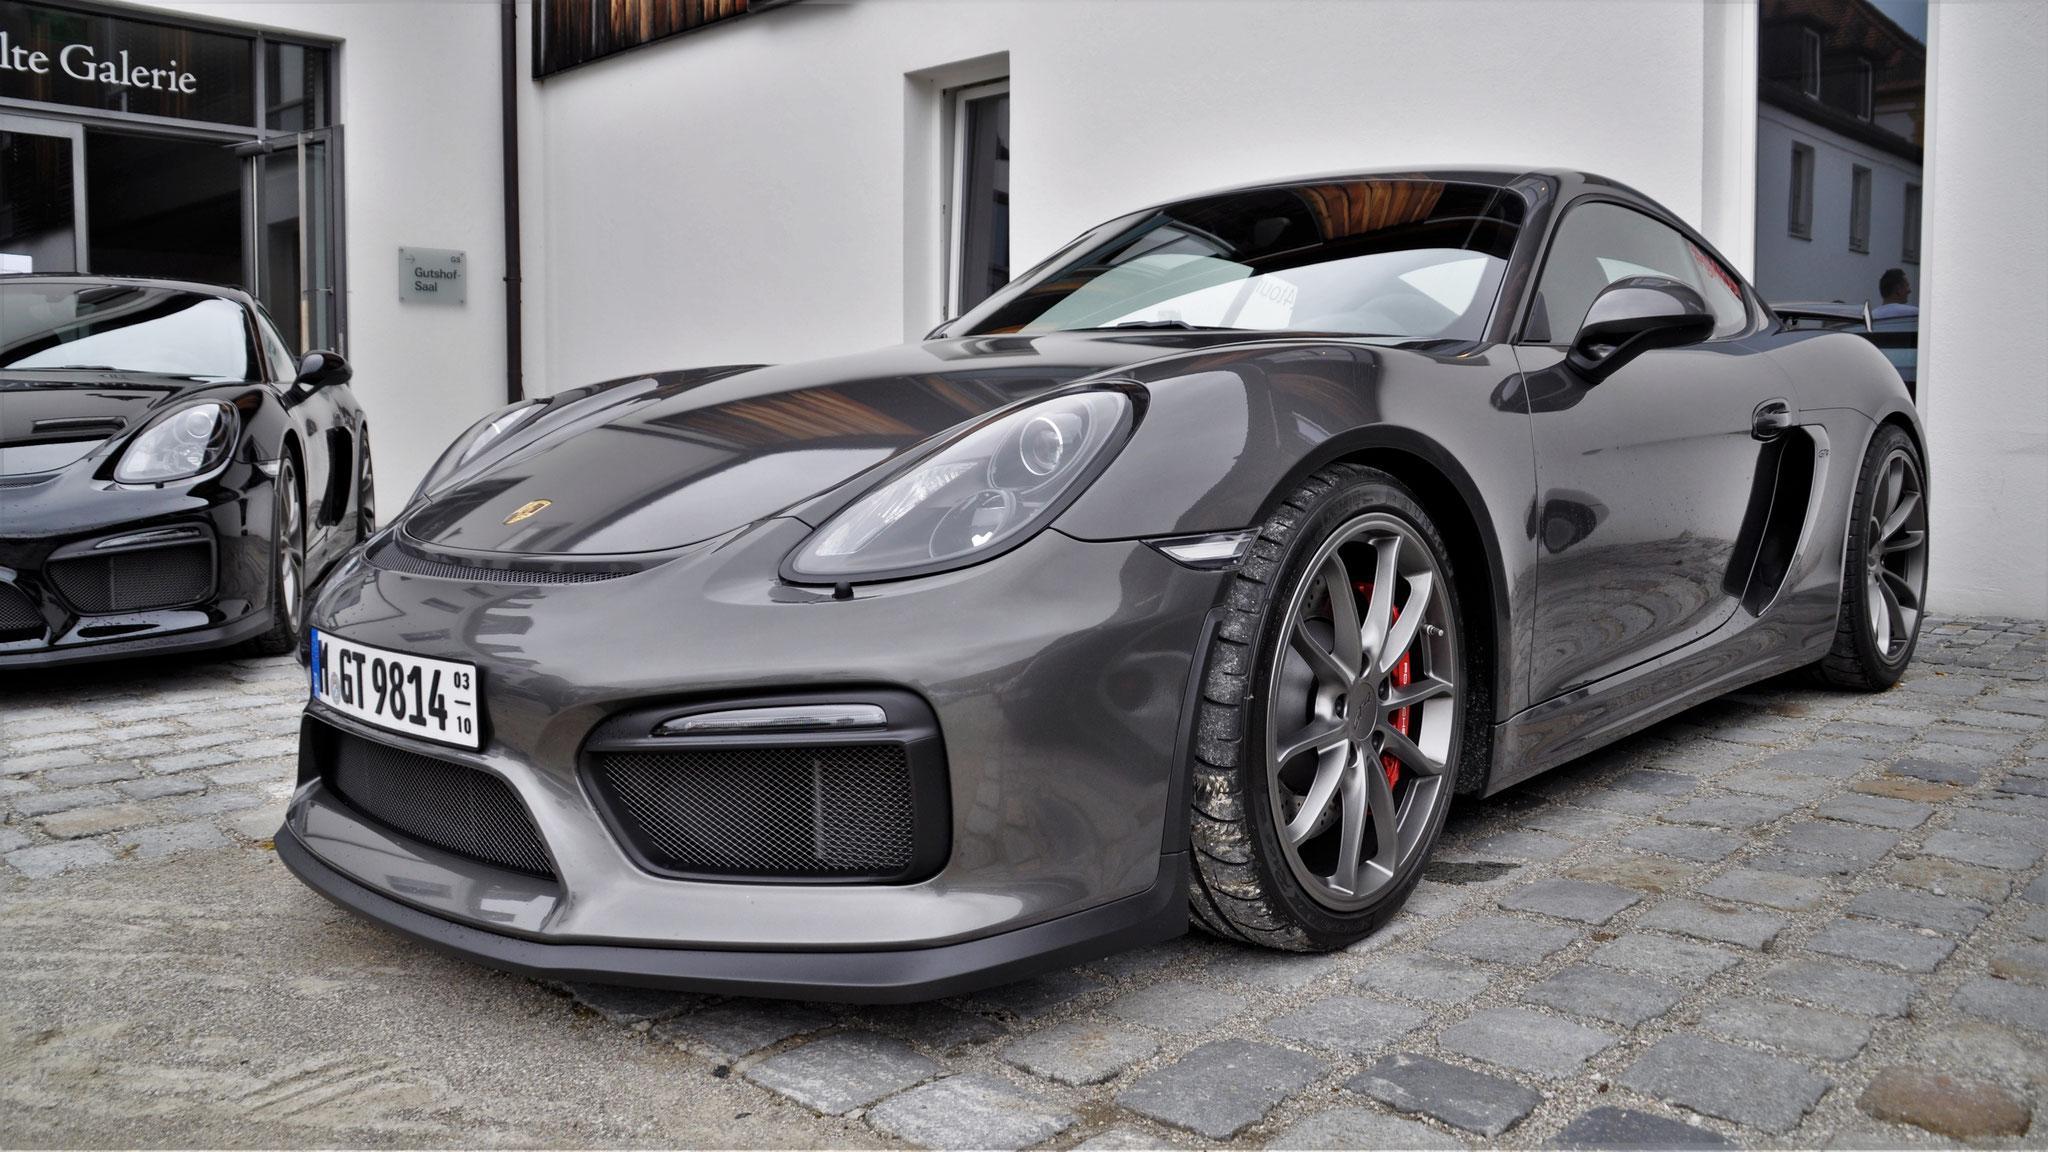 Porsche Cayman GT4 - M-GT-9814